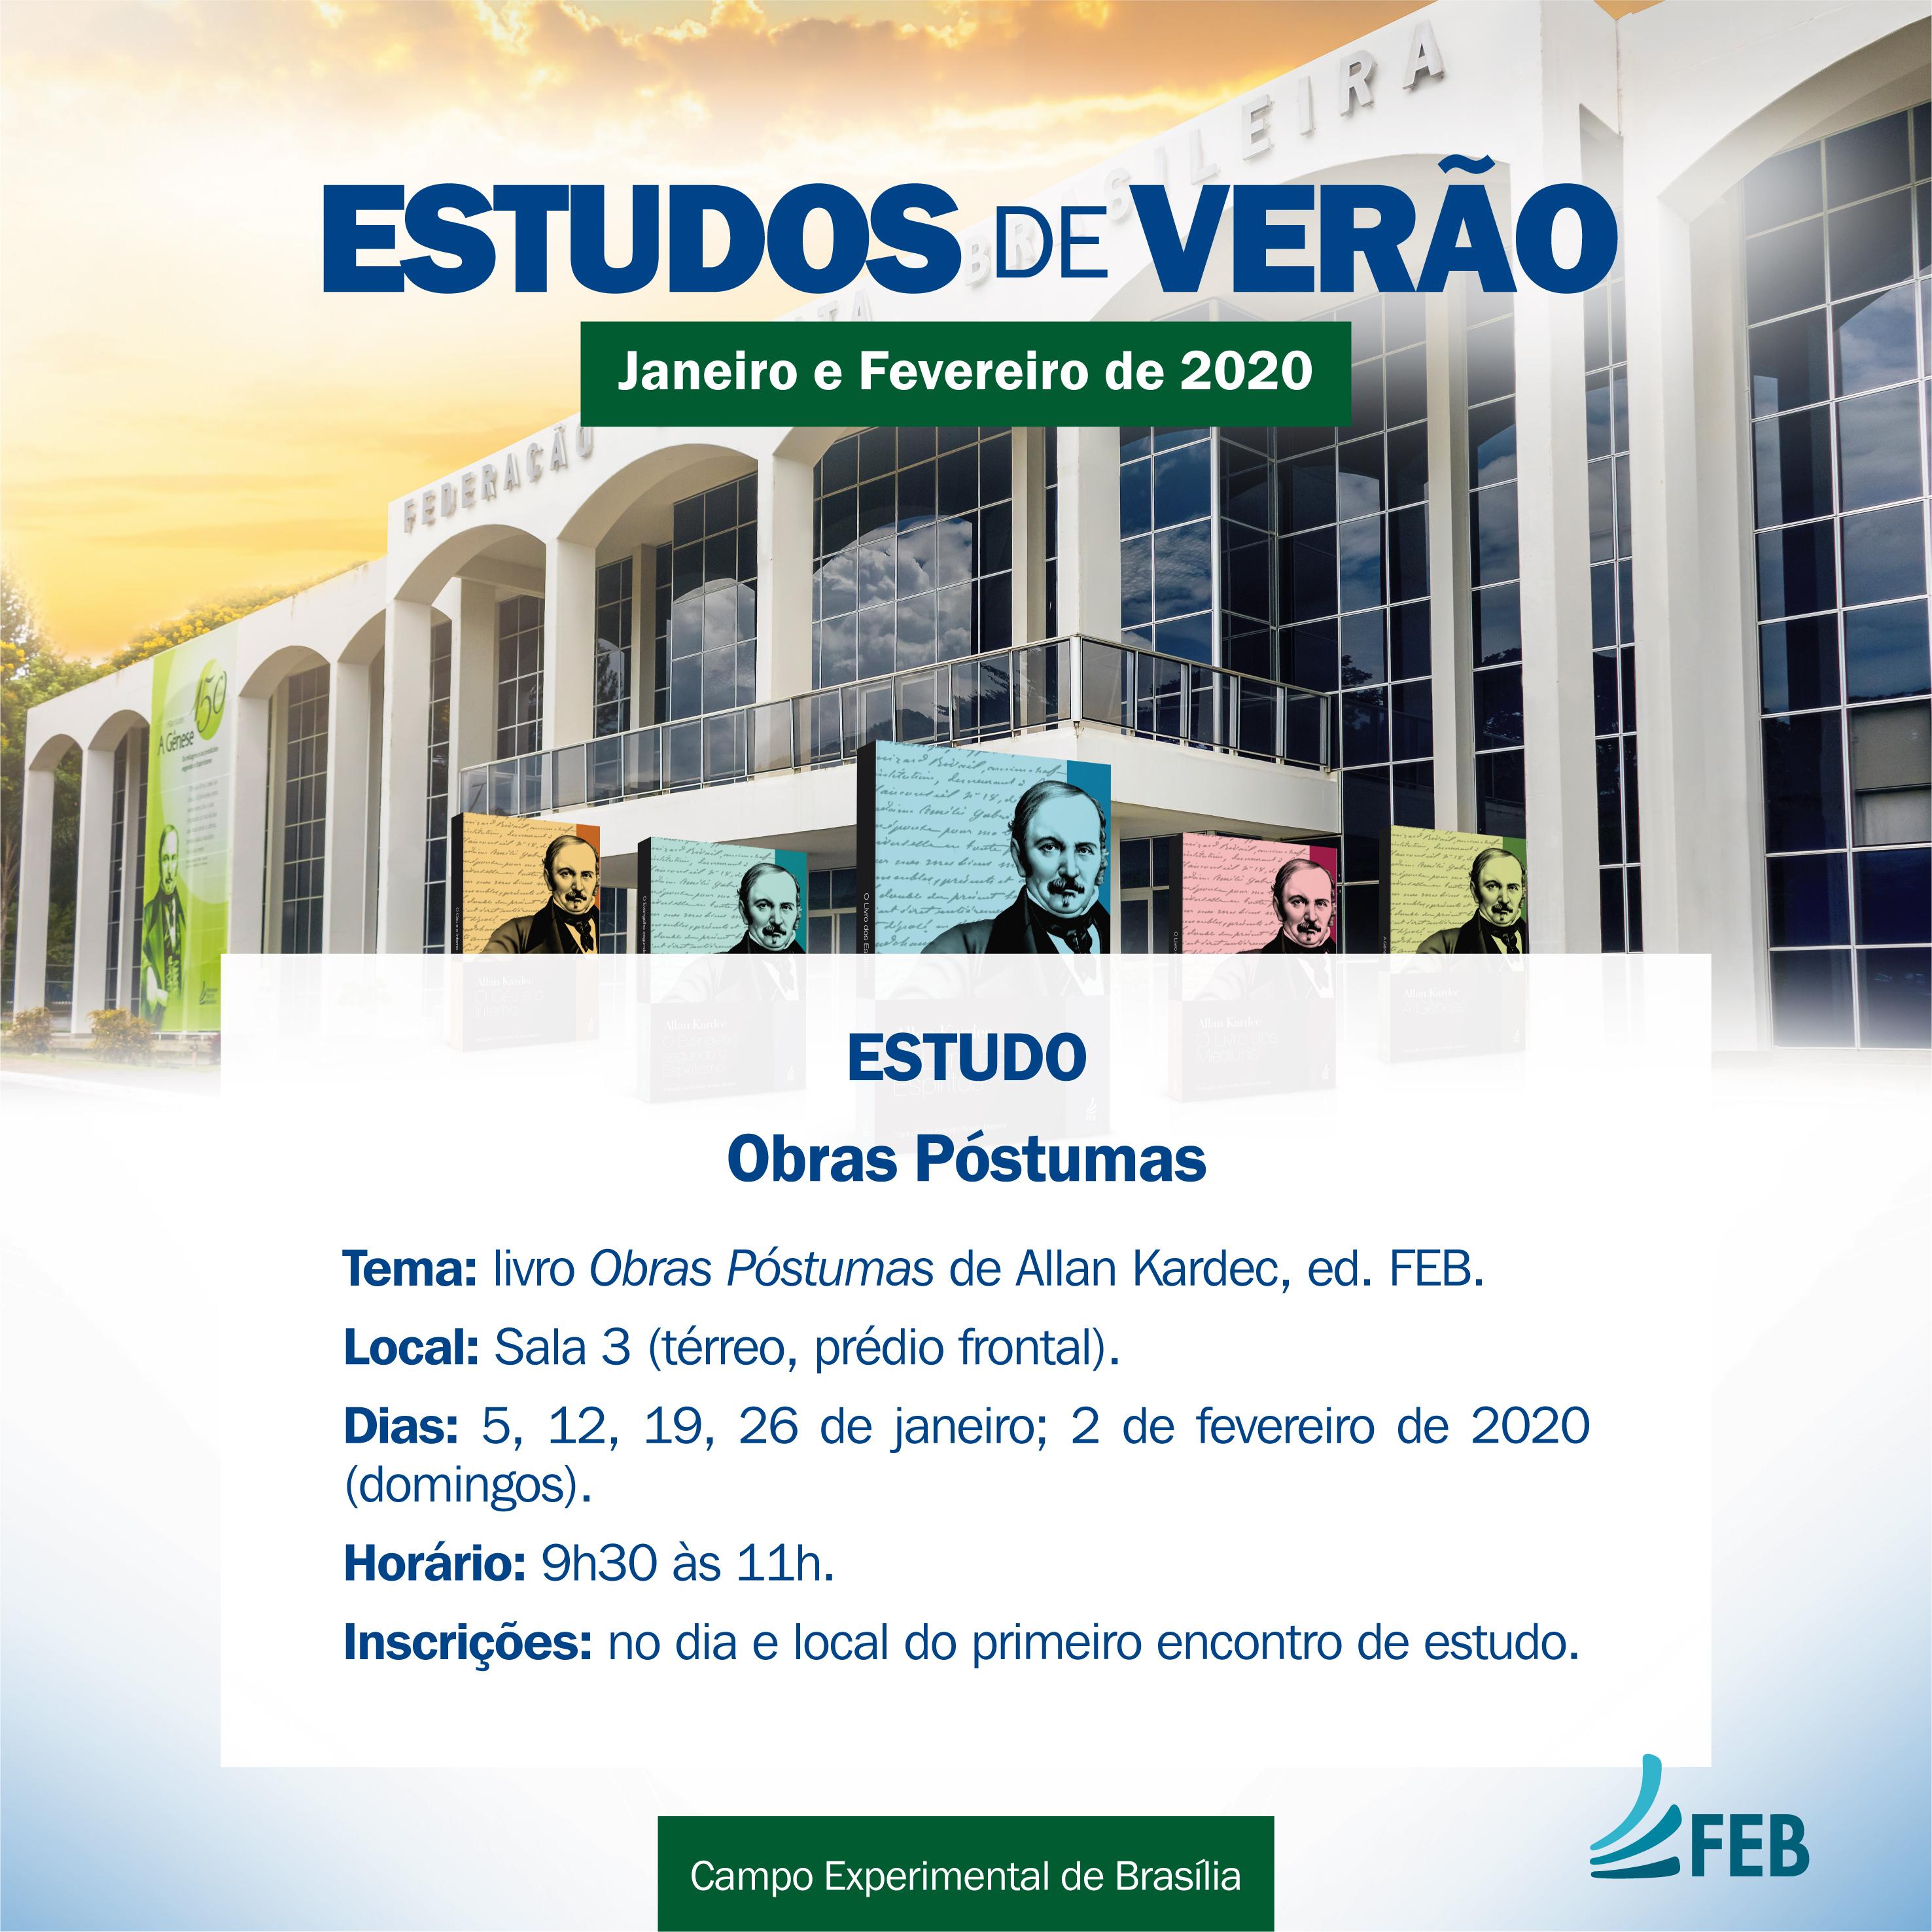 ESTUDO DE VERÃO 2019 What app-03